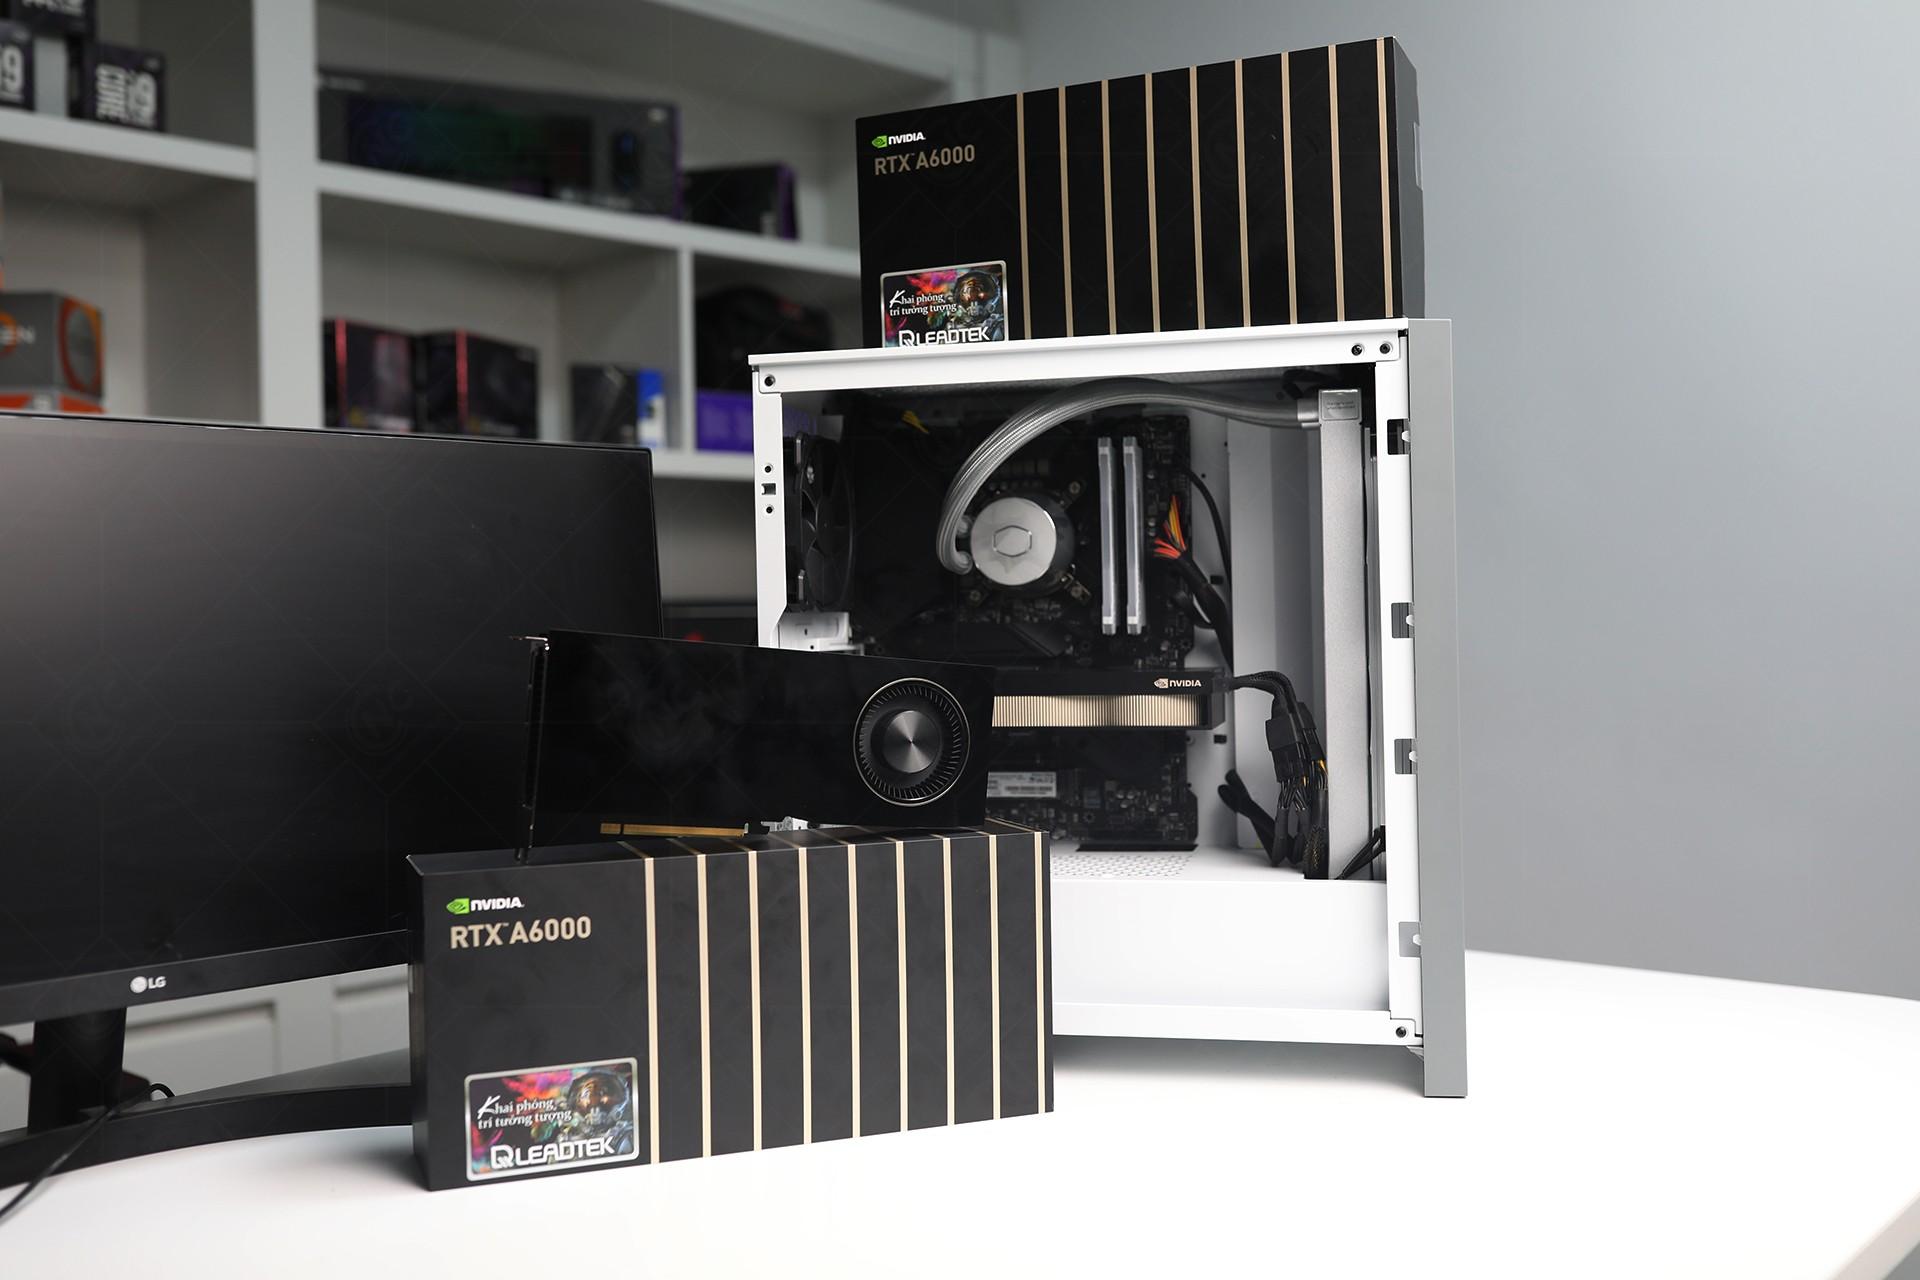 card-man-hinh-nvidia-rtx-a6000